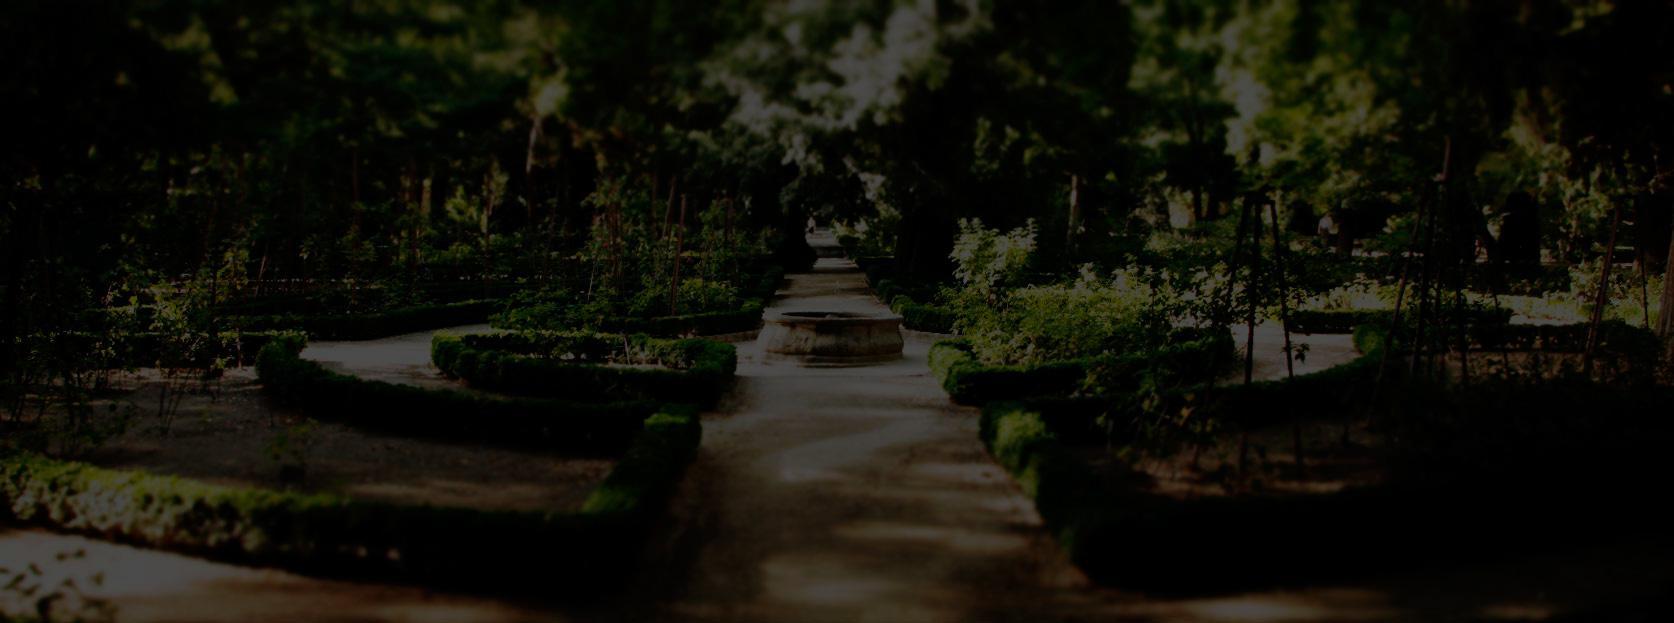 Садовый лабиринт | Ландшафтный дизайн